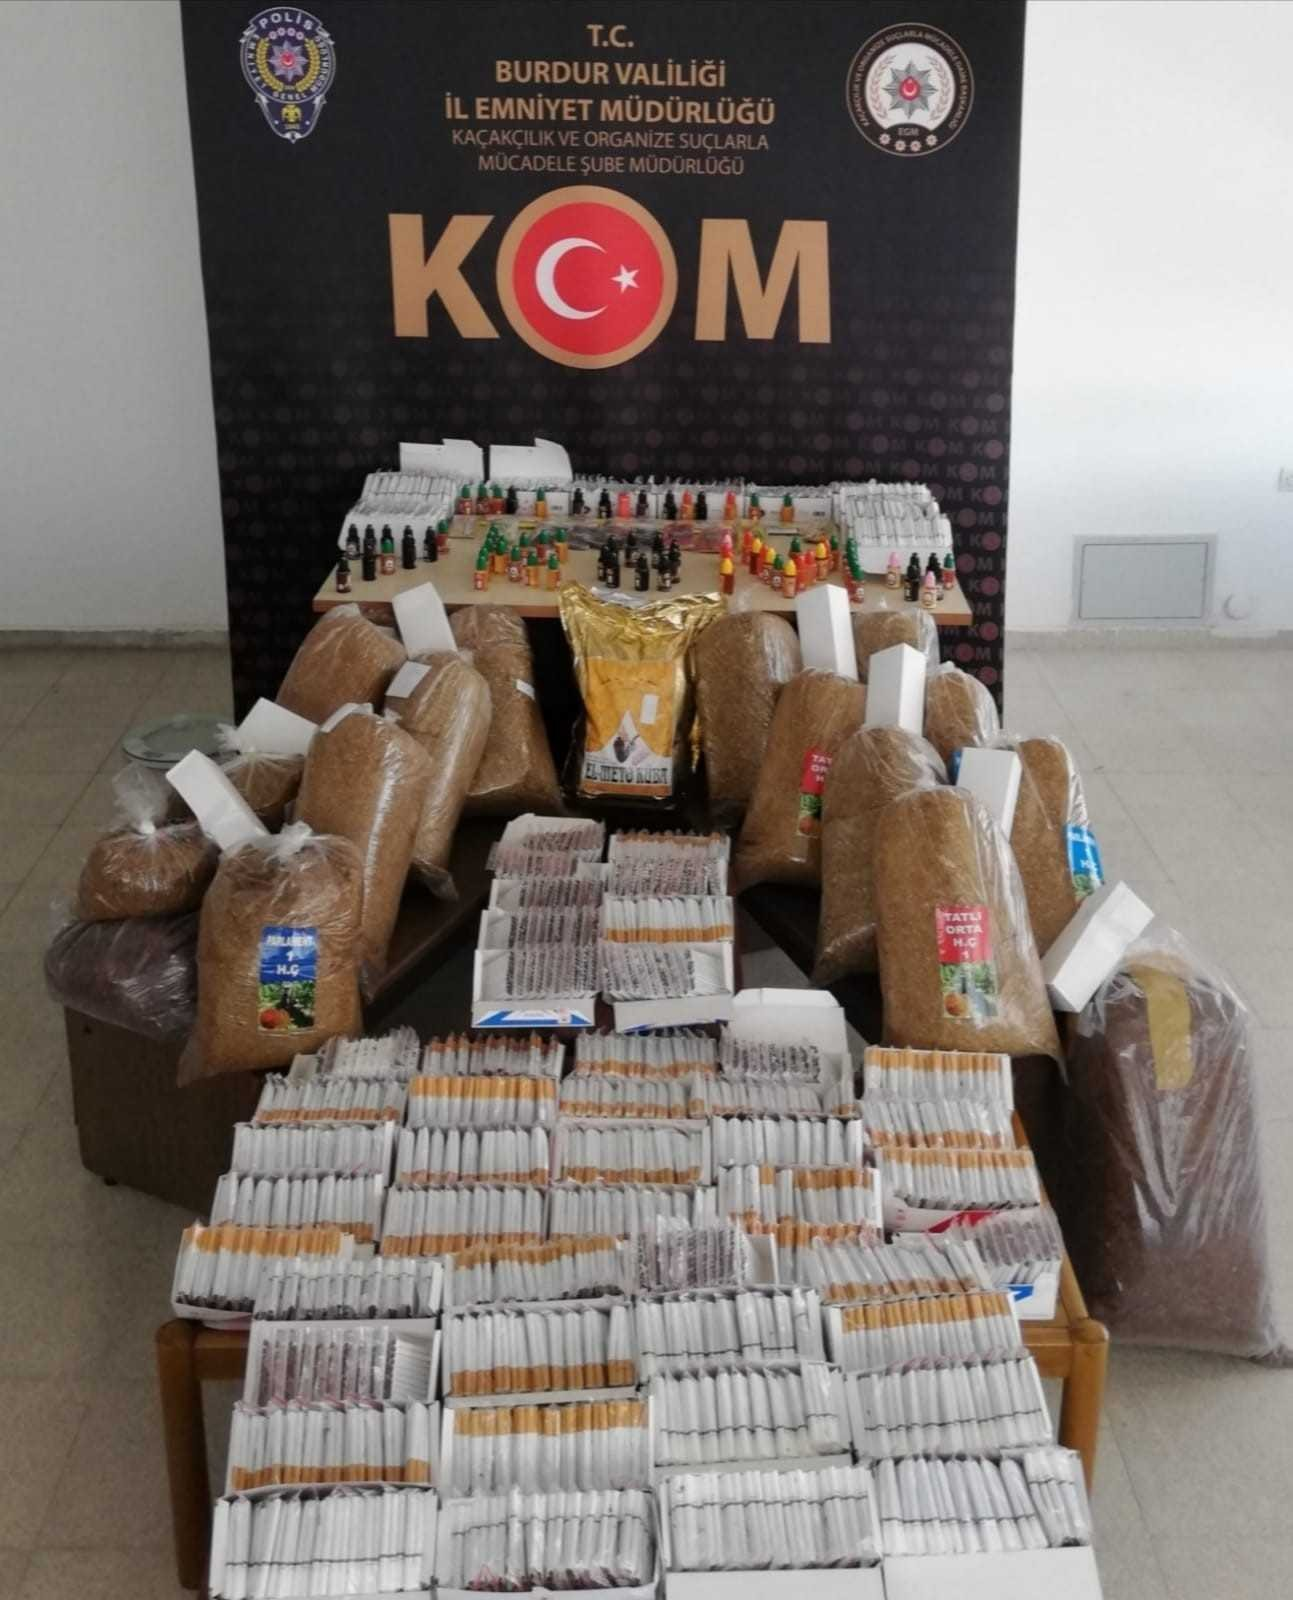 Burdur'da kaçak sigara operasyonu #burdur